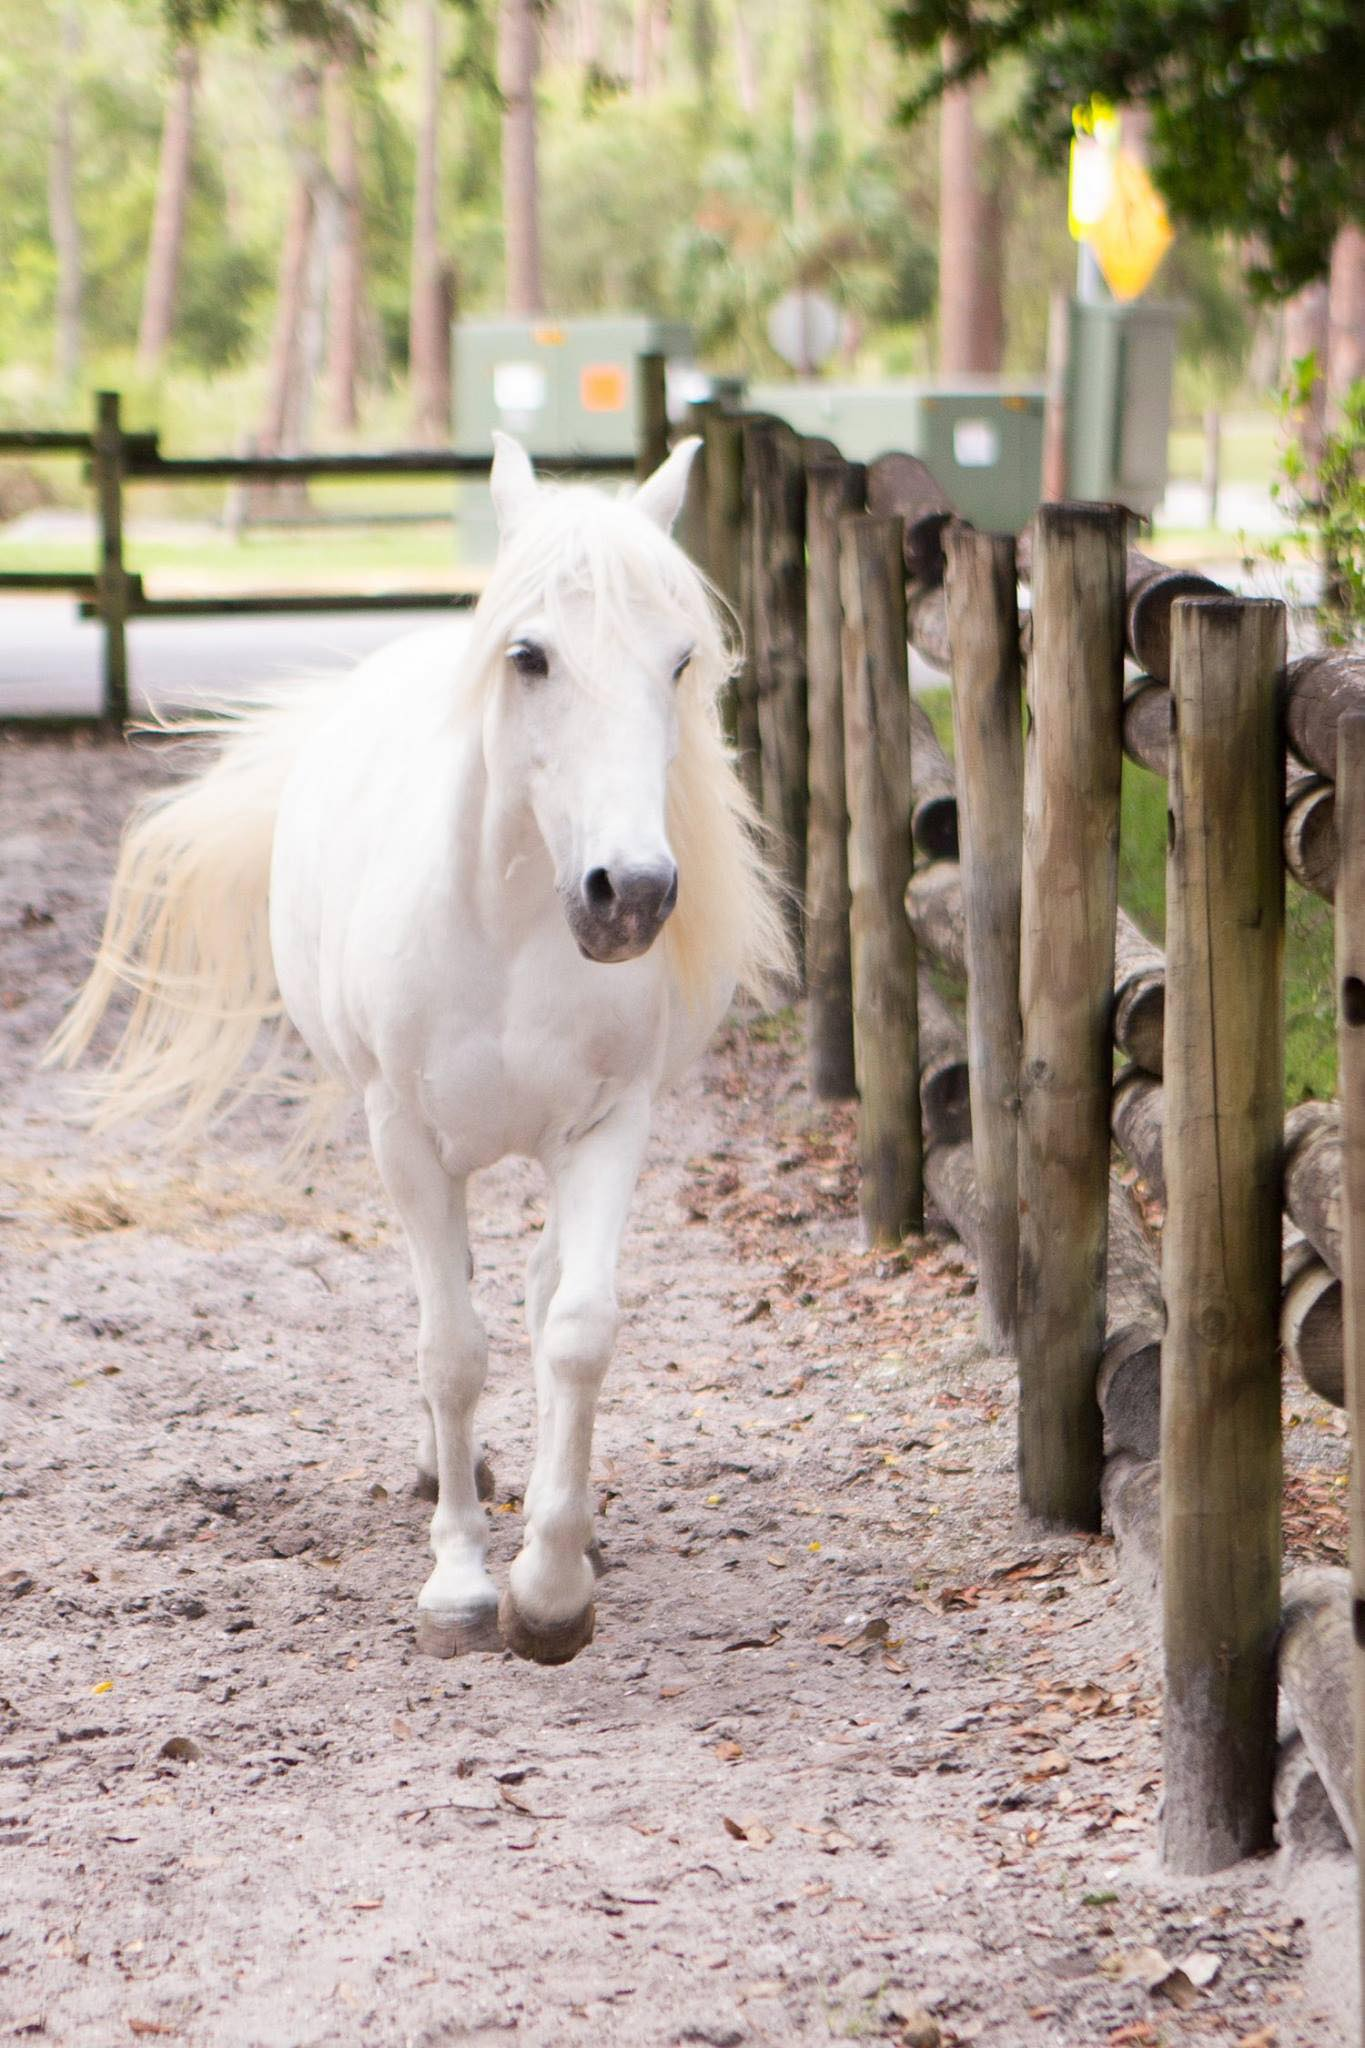 Cinderella's pony